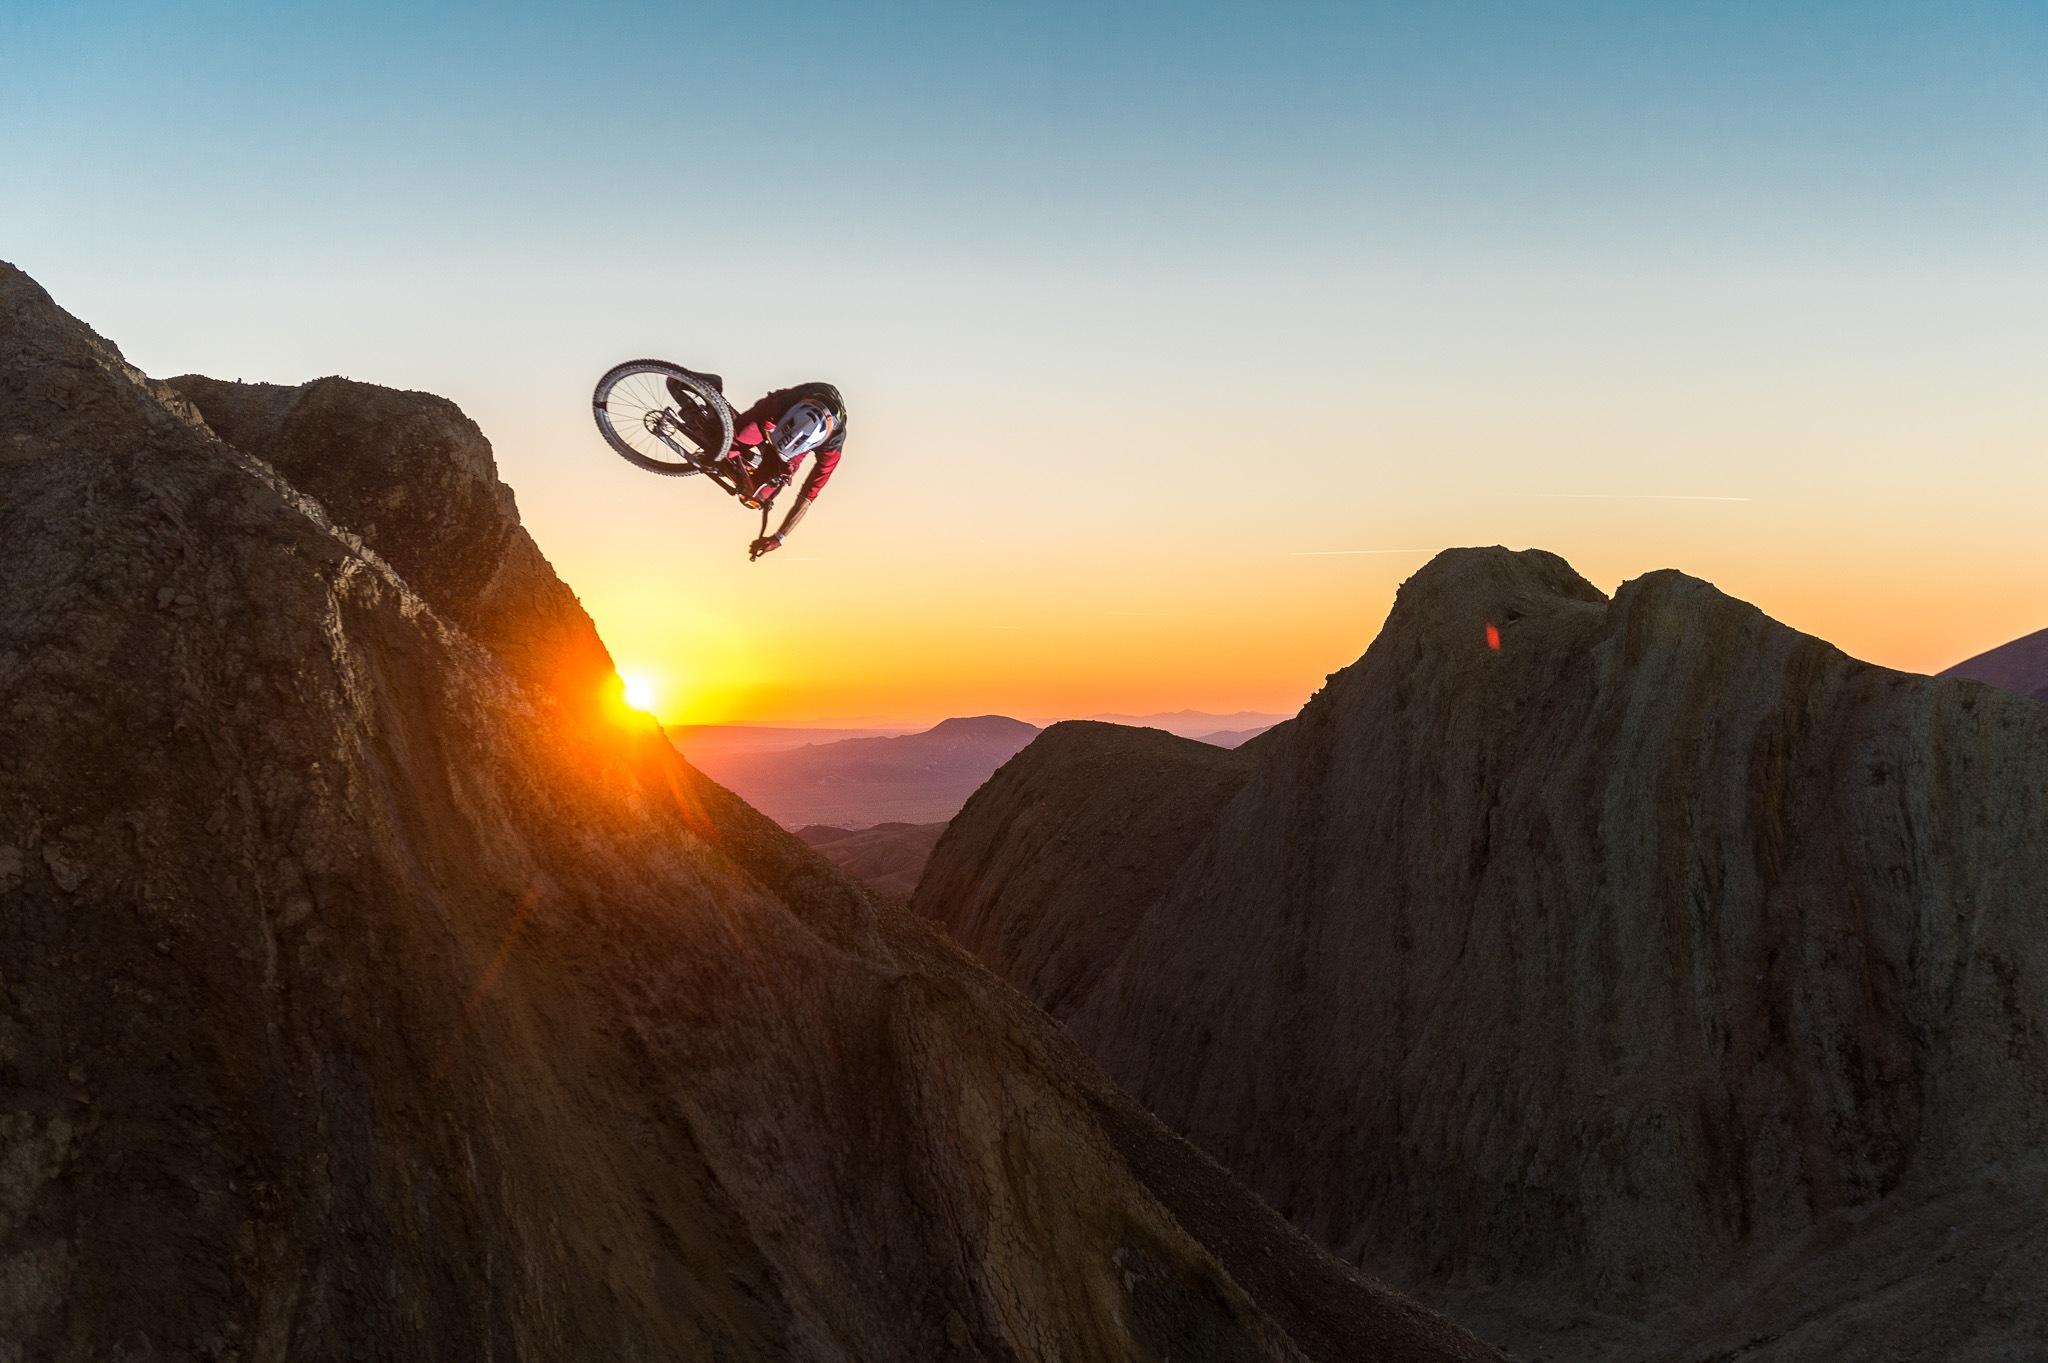 Kirt Voreis - Mountain Bike Sunset Jump by Ian Hylands